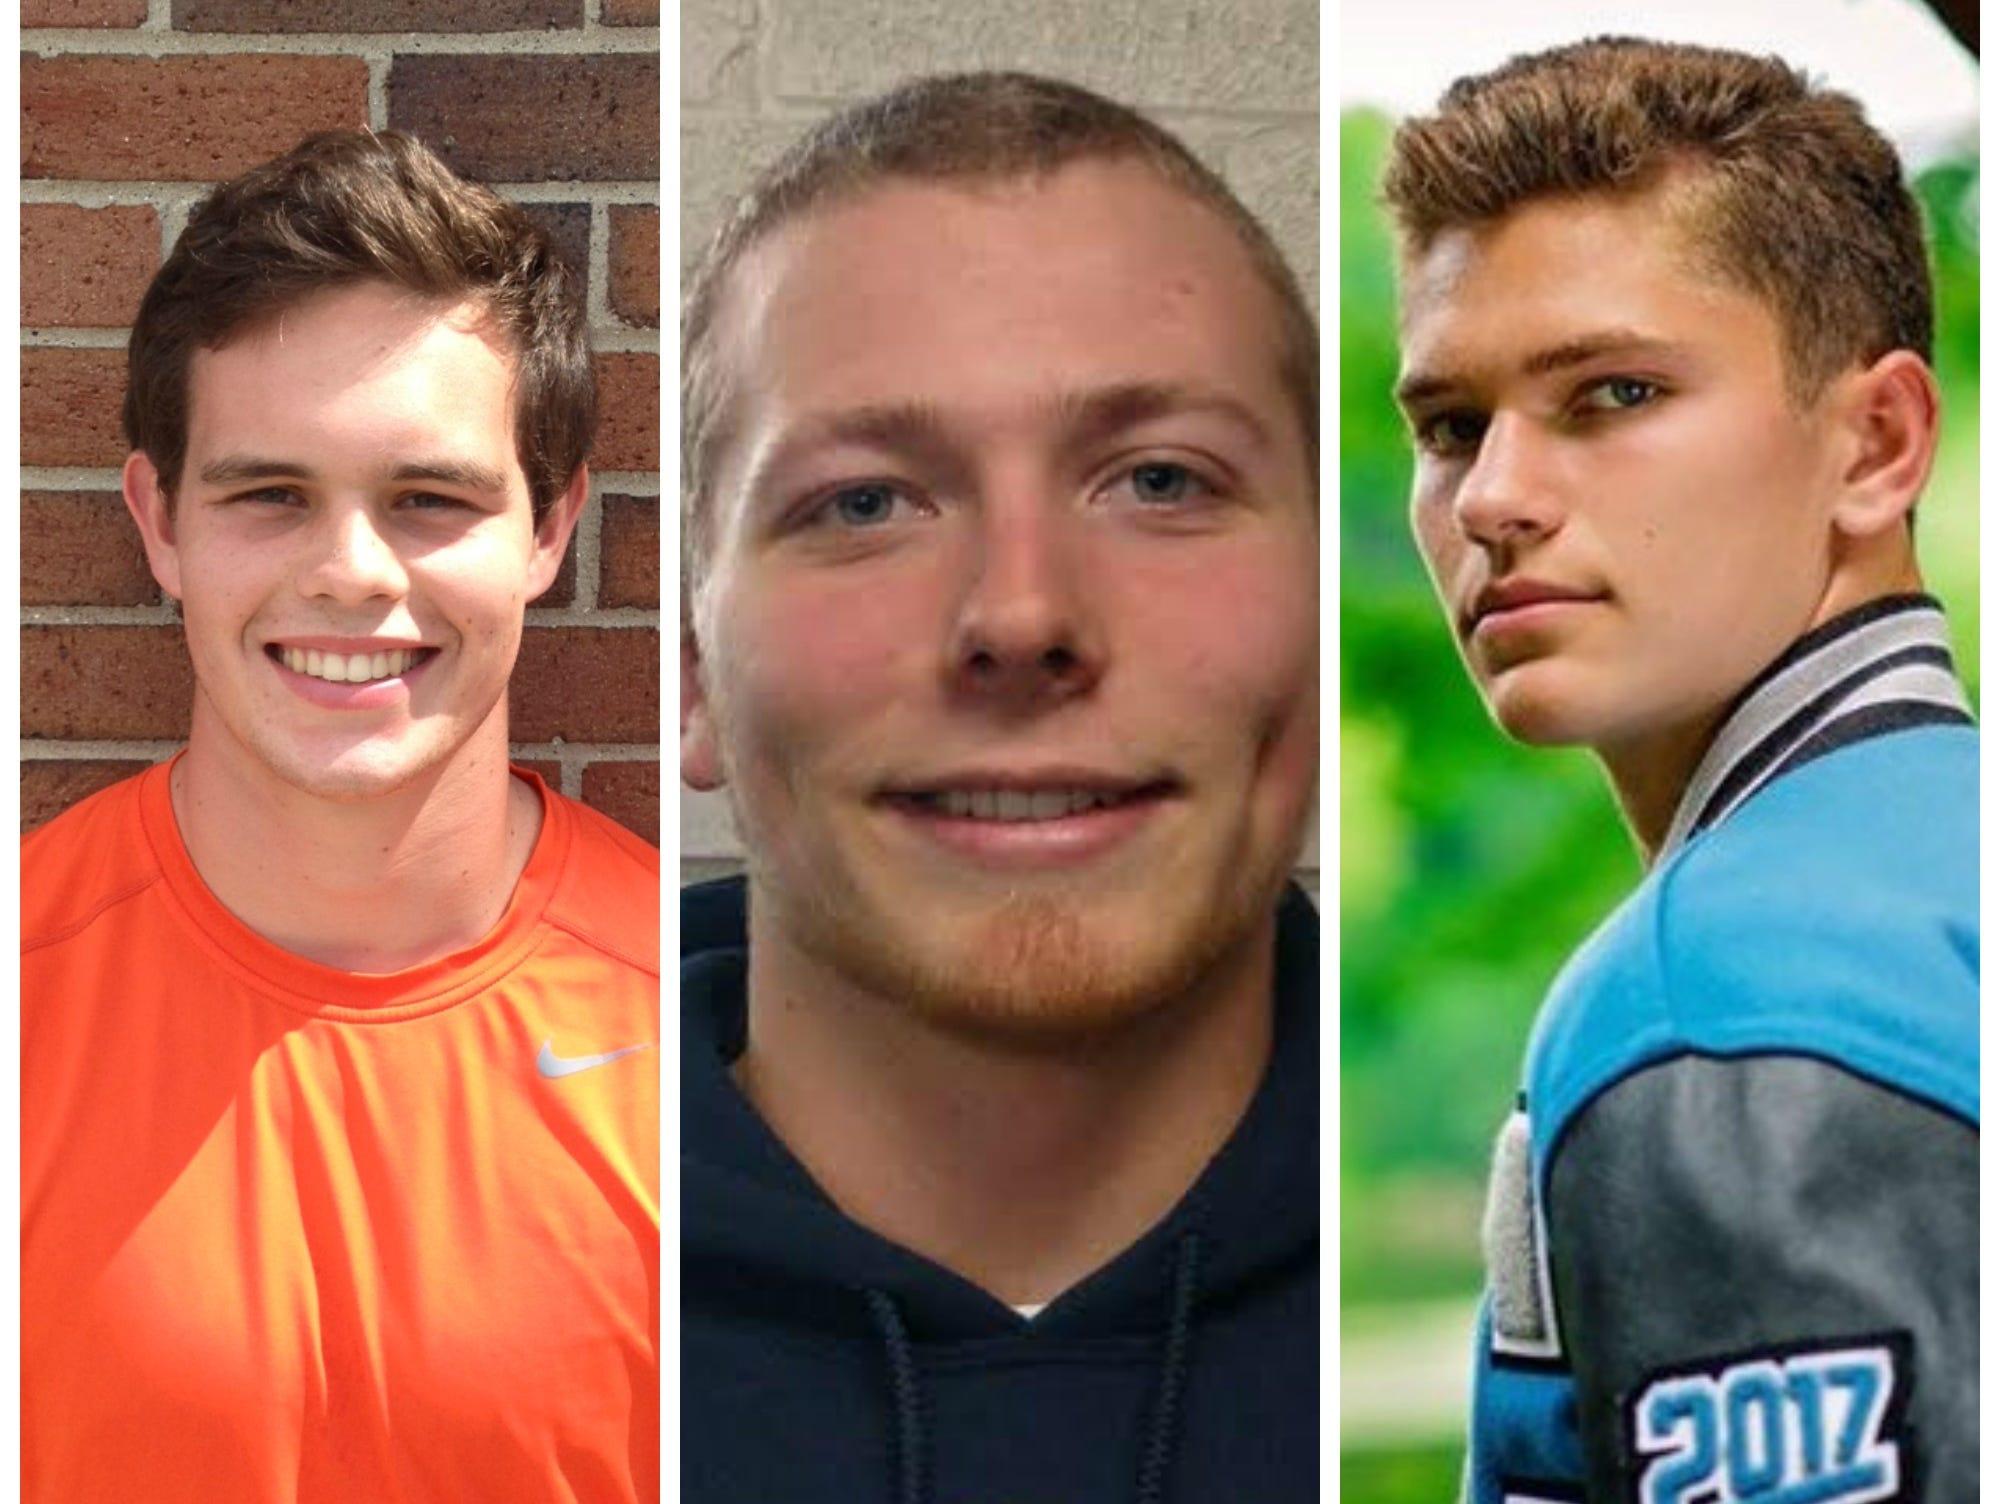 Stockbridge's Mason Gee-Montgomery, Pewamo-Westphalia's Jared Smith and Lansing Catholic's Konnor Maloney were among Friday's top performers.